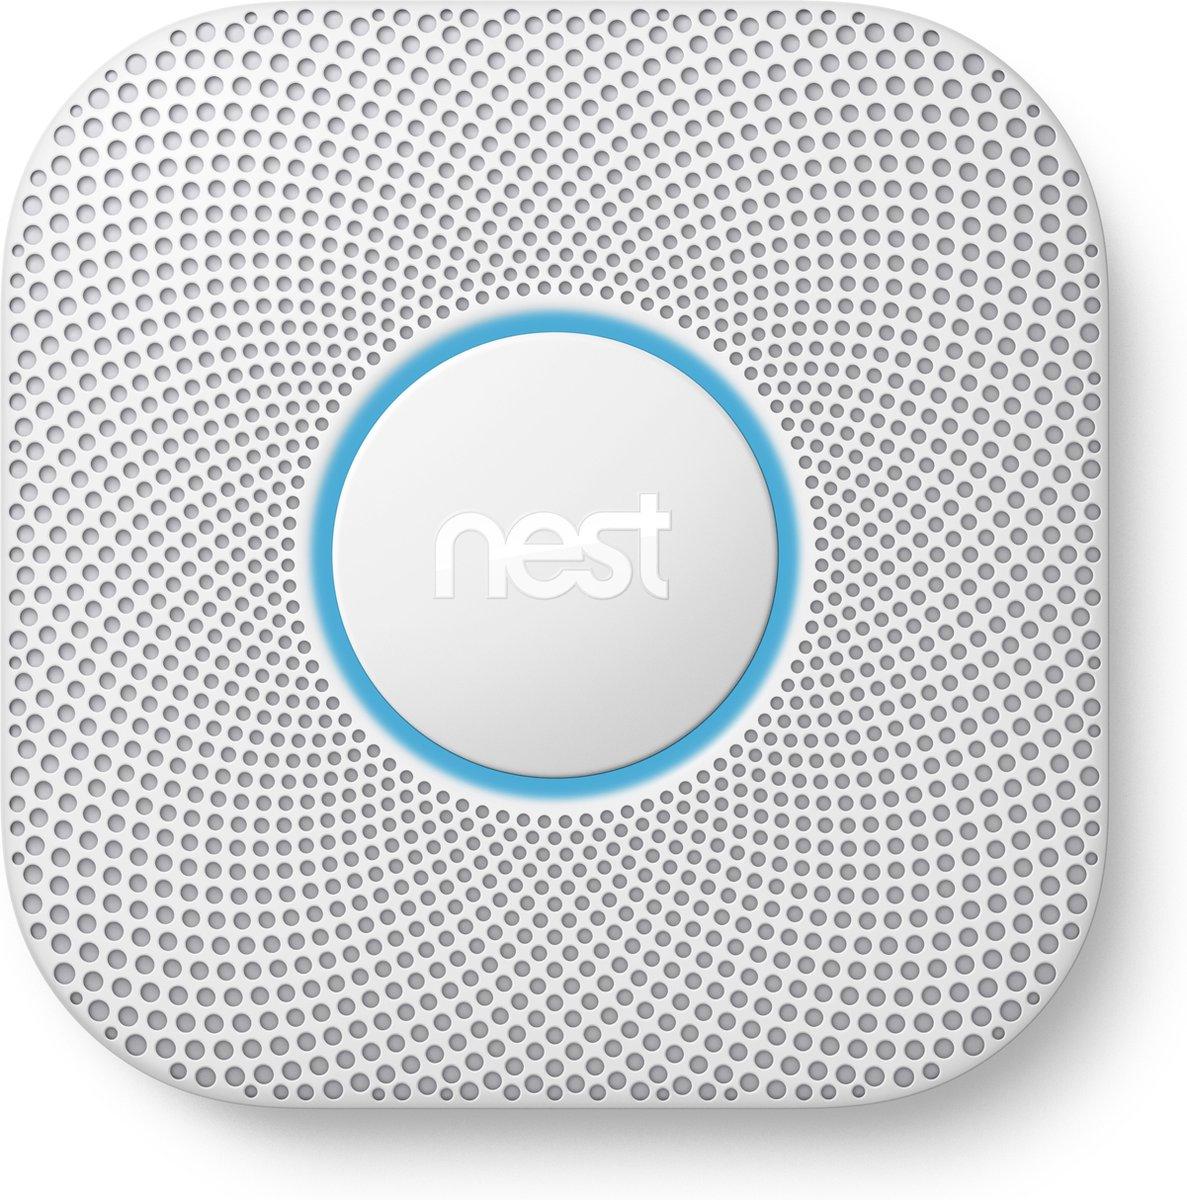 Nest Protect, zowel batterij als bedraad